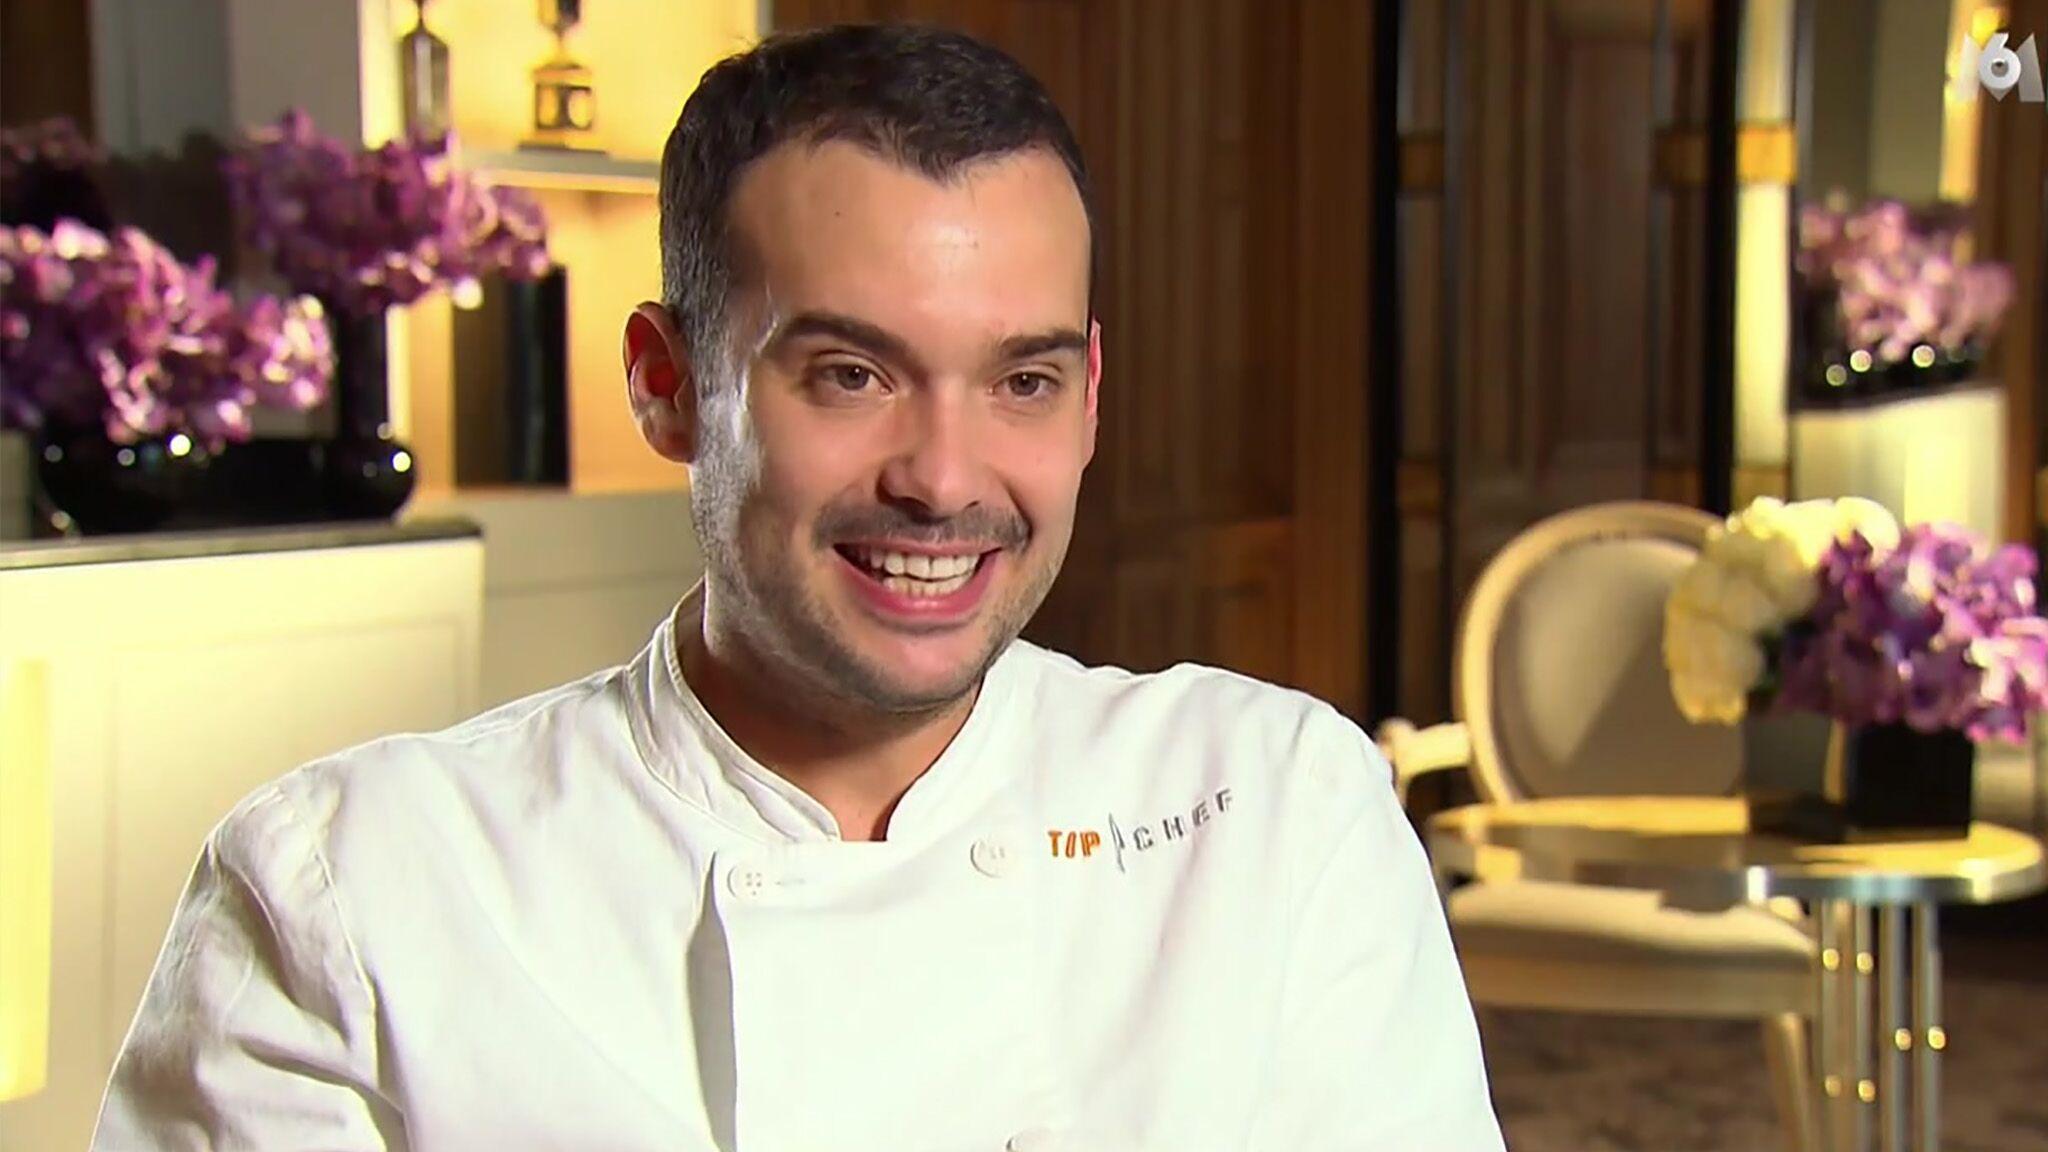 Top Chef : Samuel Albert, le gagnant, revient en France et ouvre son restaurant